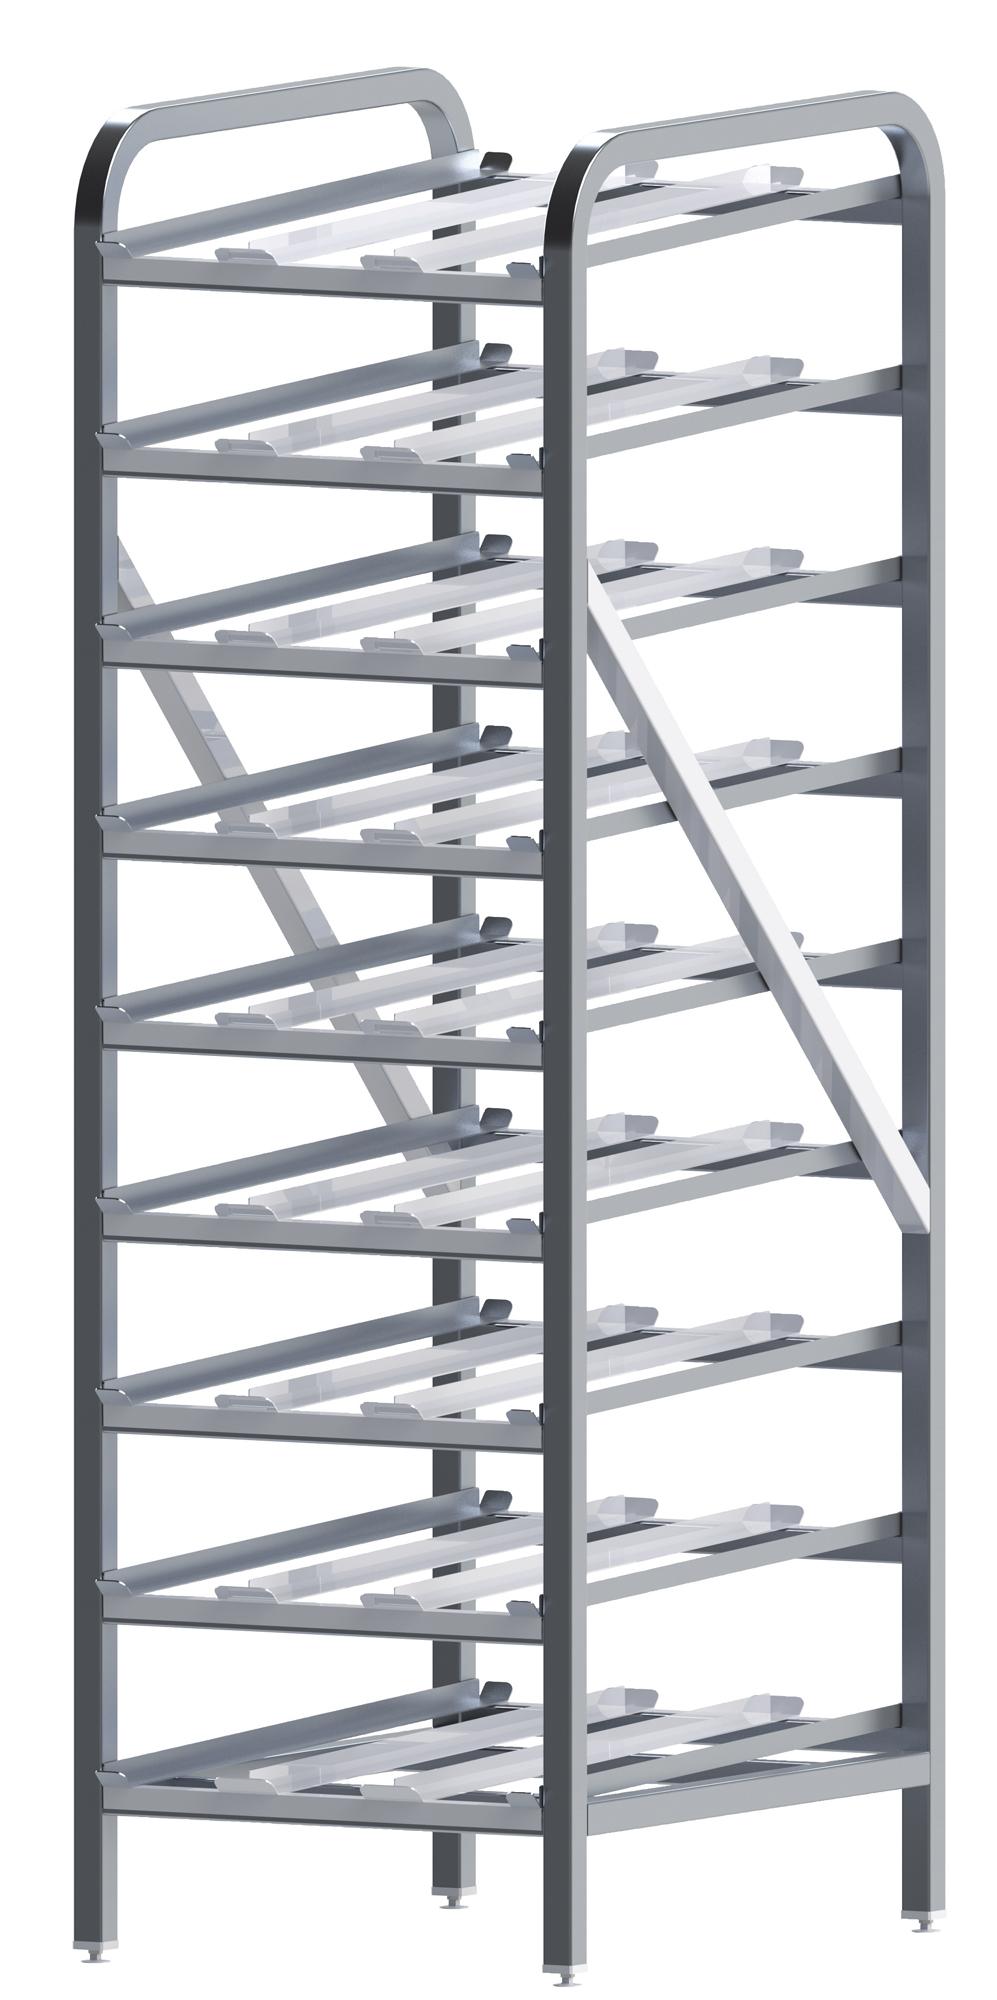 Winco ALCR-9 can storage racks